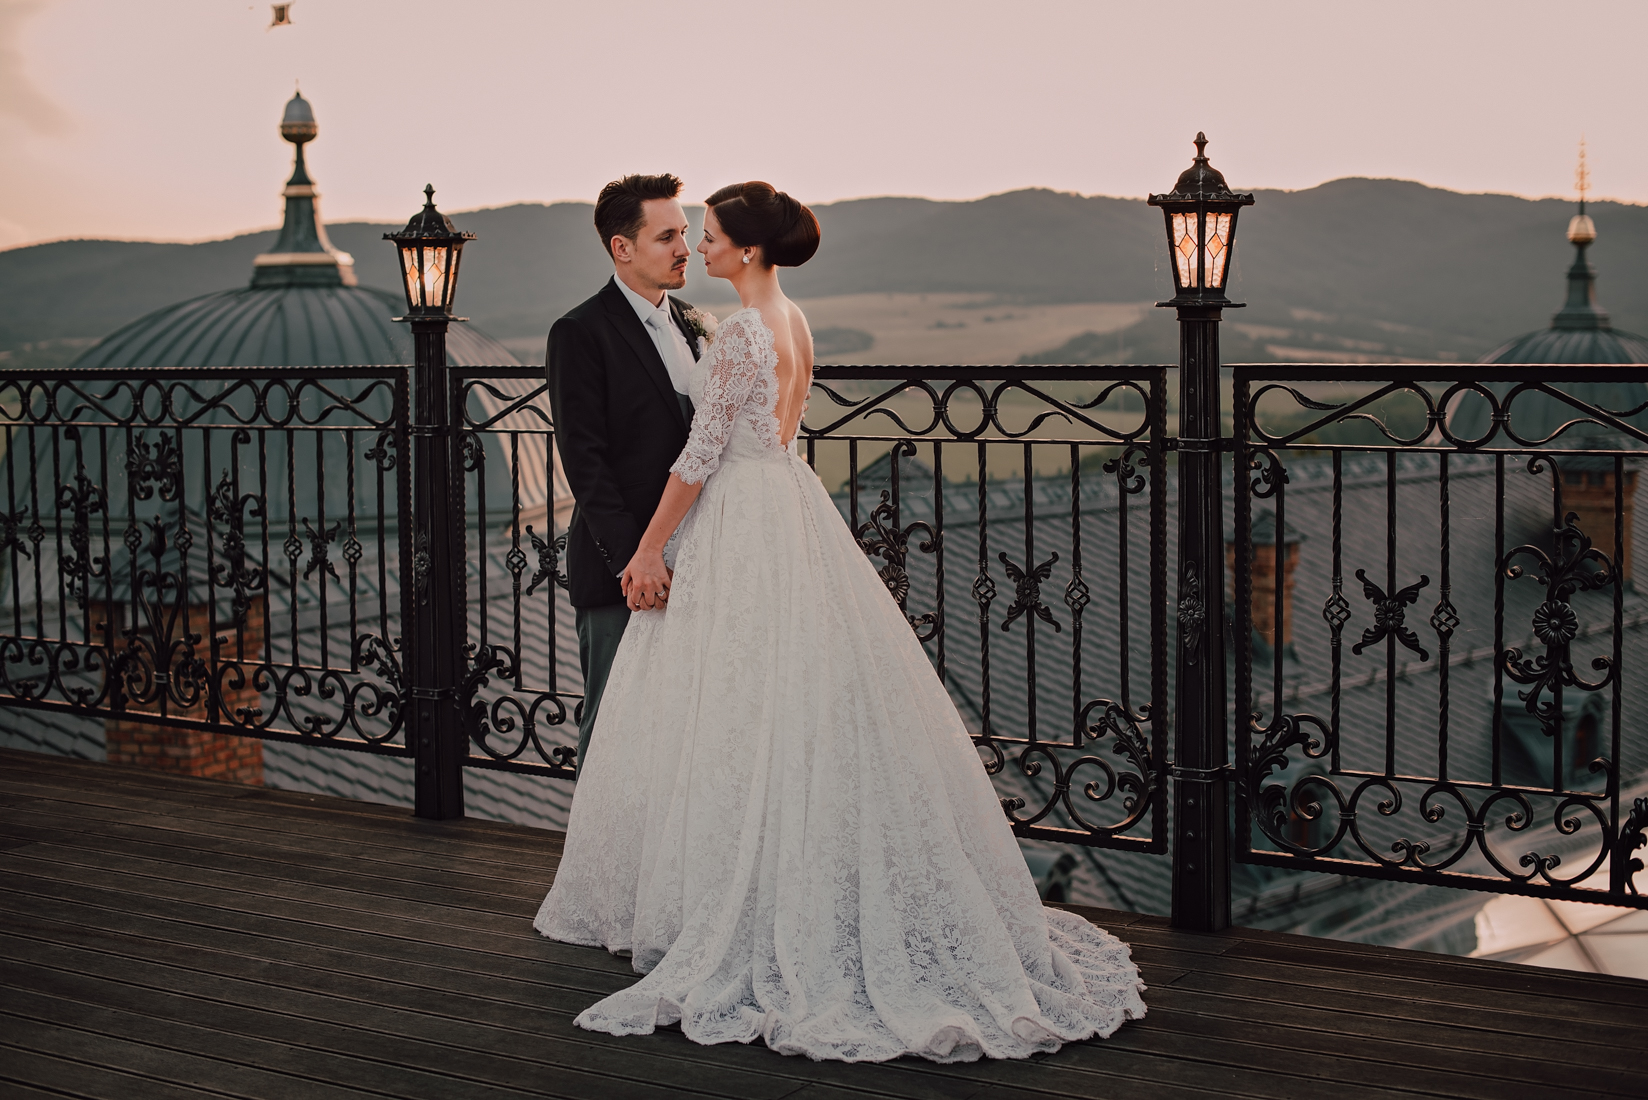 """c9b247afc Je to miesto, ktoré dýcha kráľovskou atmosférou a jeho okolie je zárukou  prekrásnych svadobných fotografií. """"Najviac je využívaná Dvorana Arcadia s  ..."""